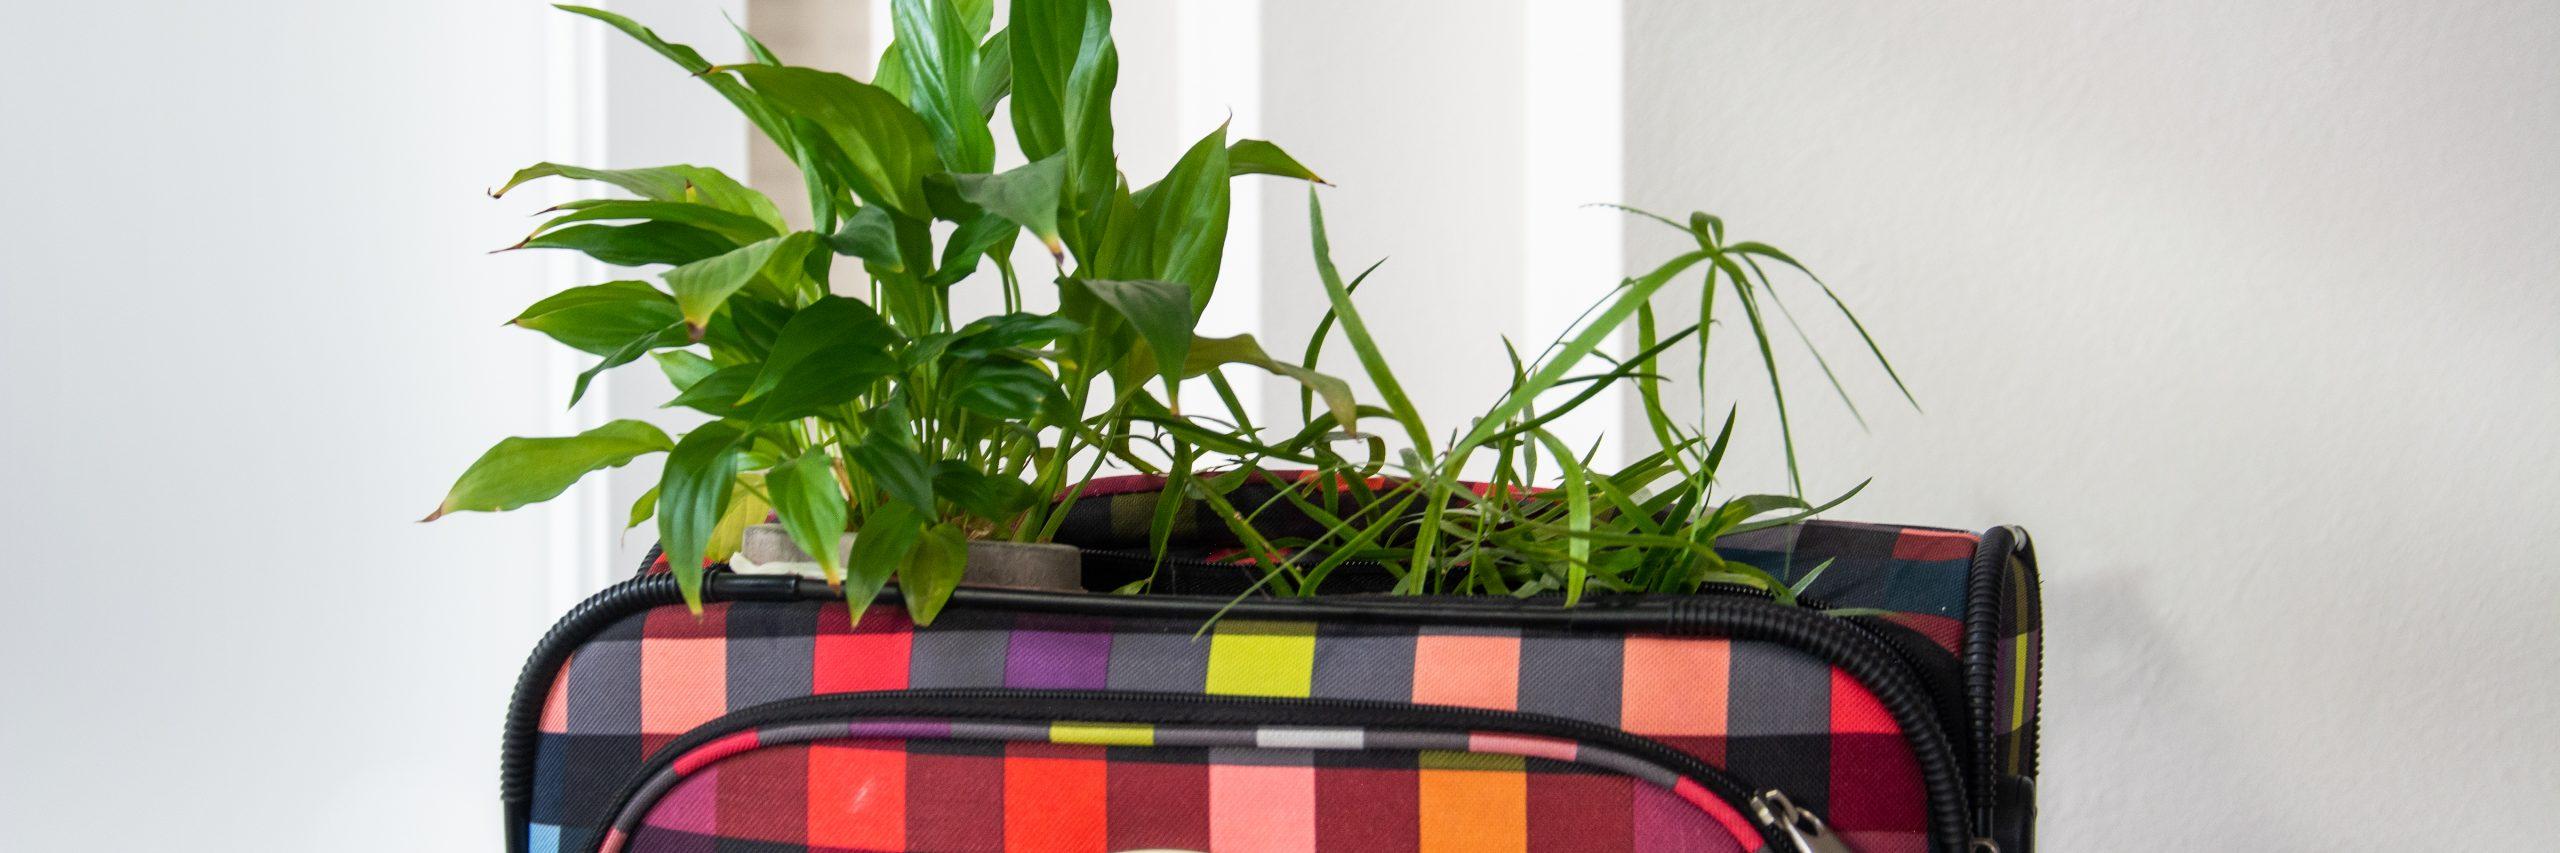 Koffer; Reisen; Pflanzen; nachhaltig reisen; nachhaltige Entwicklung leben